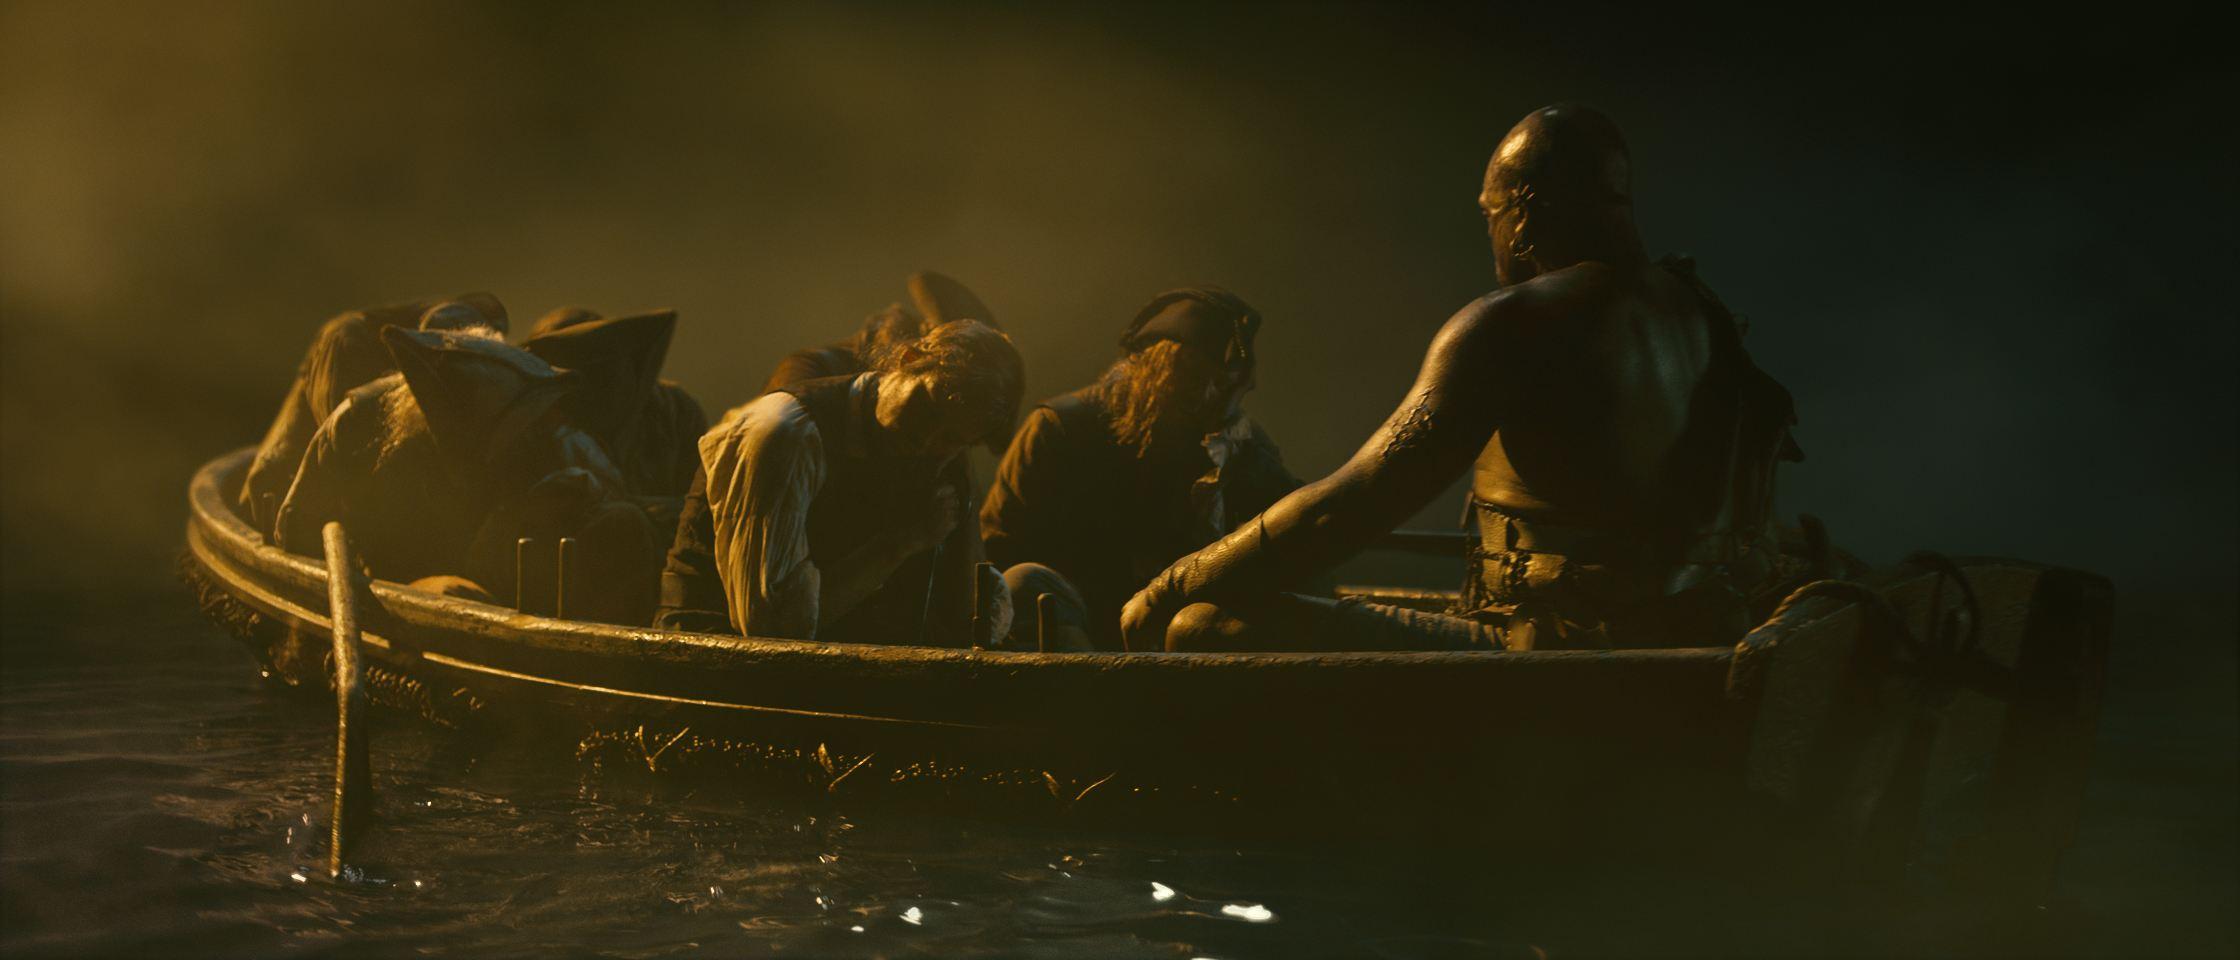 кадры из фильма Пираты Карибского моря: На странных берегах Сэм Клафлин, Стивен Грэм, Диобия Оперей,